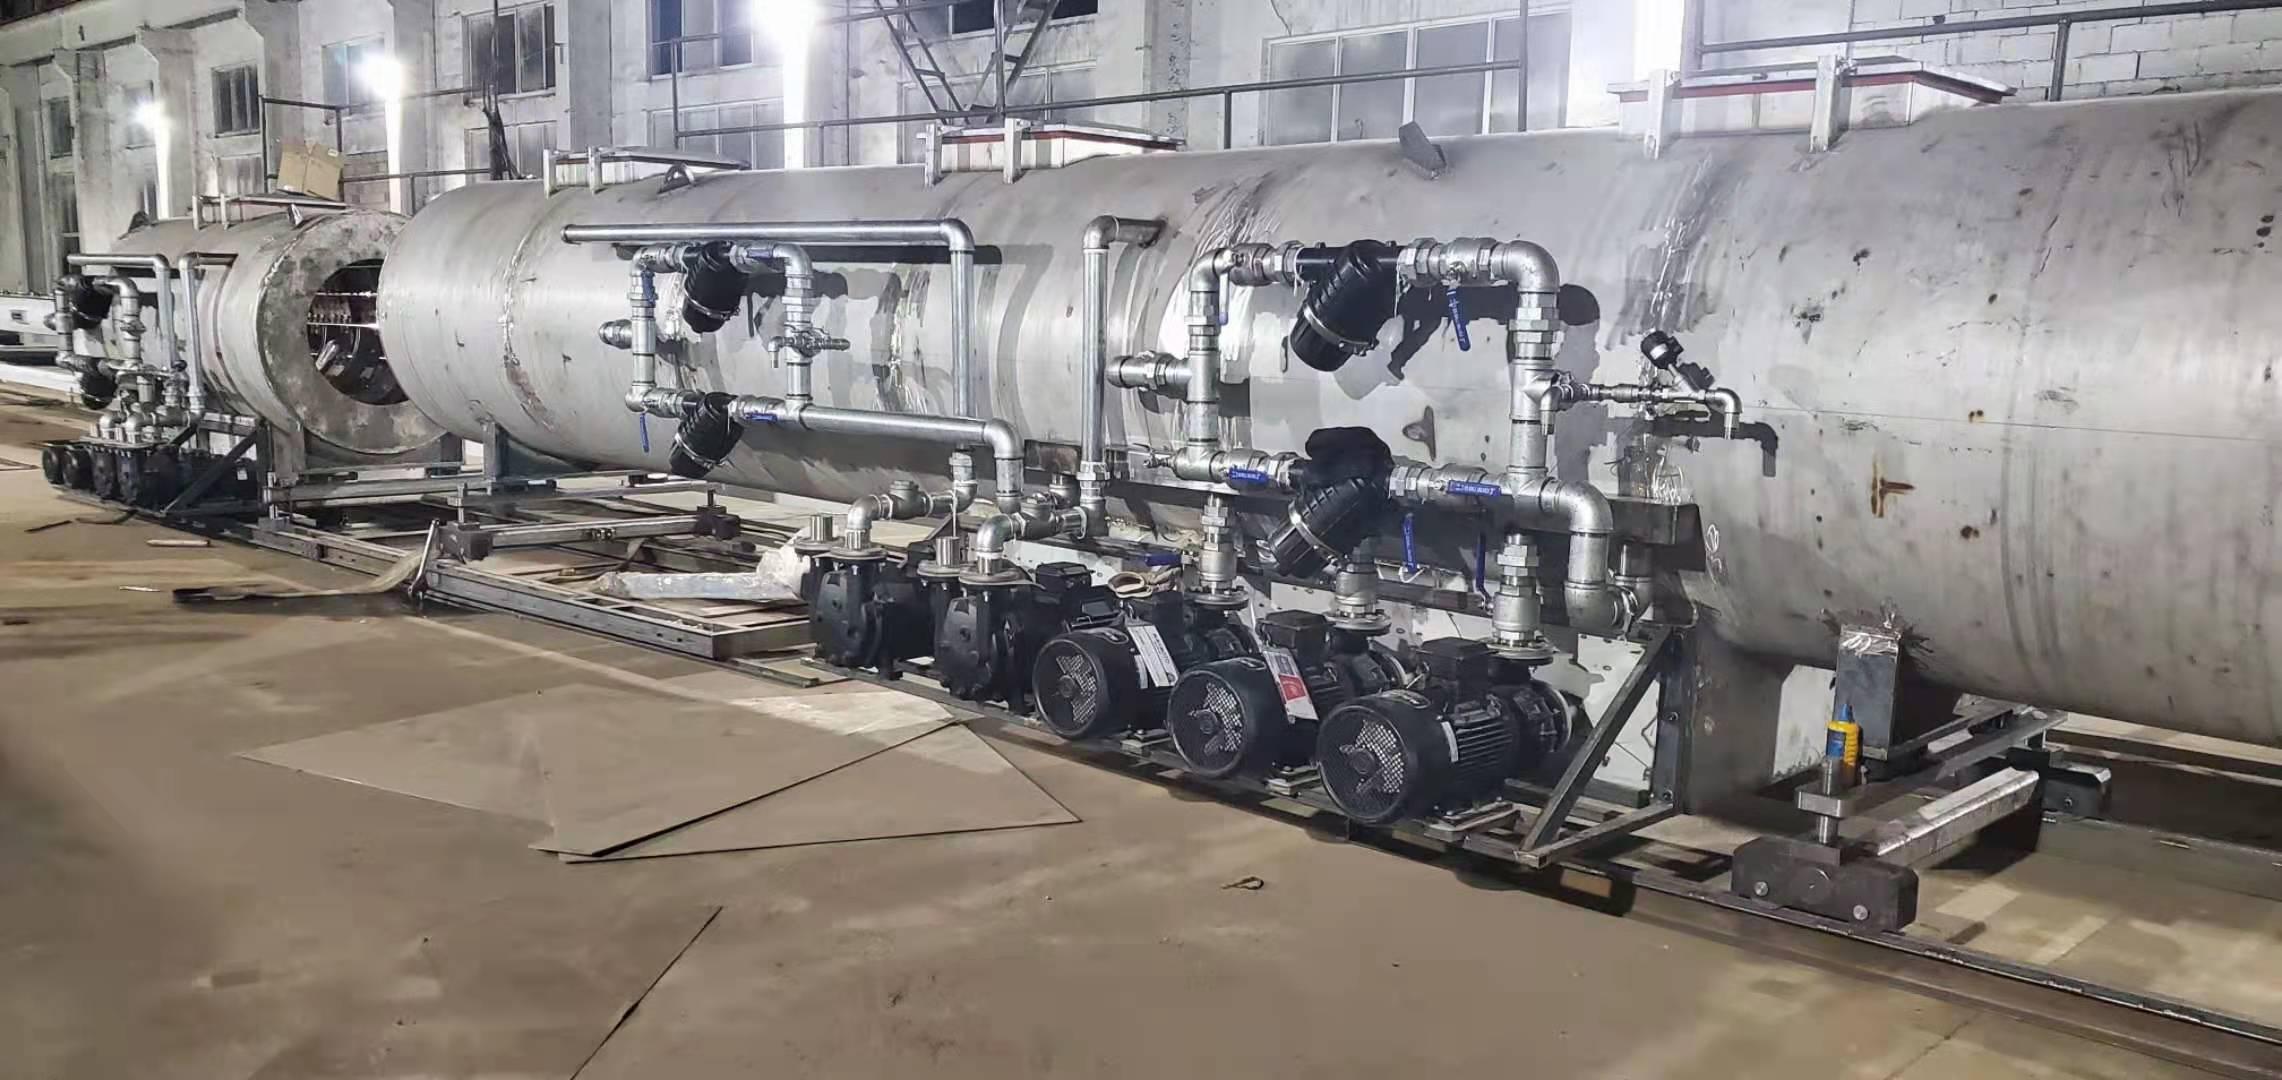 在线体彩购买靠谱的滚球平台真空泵应用于塑料挤出行业